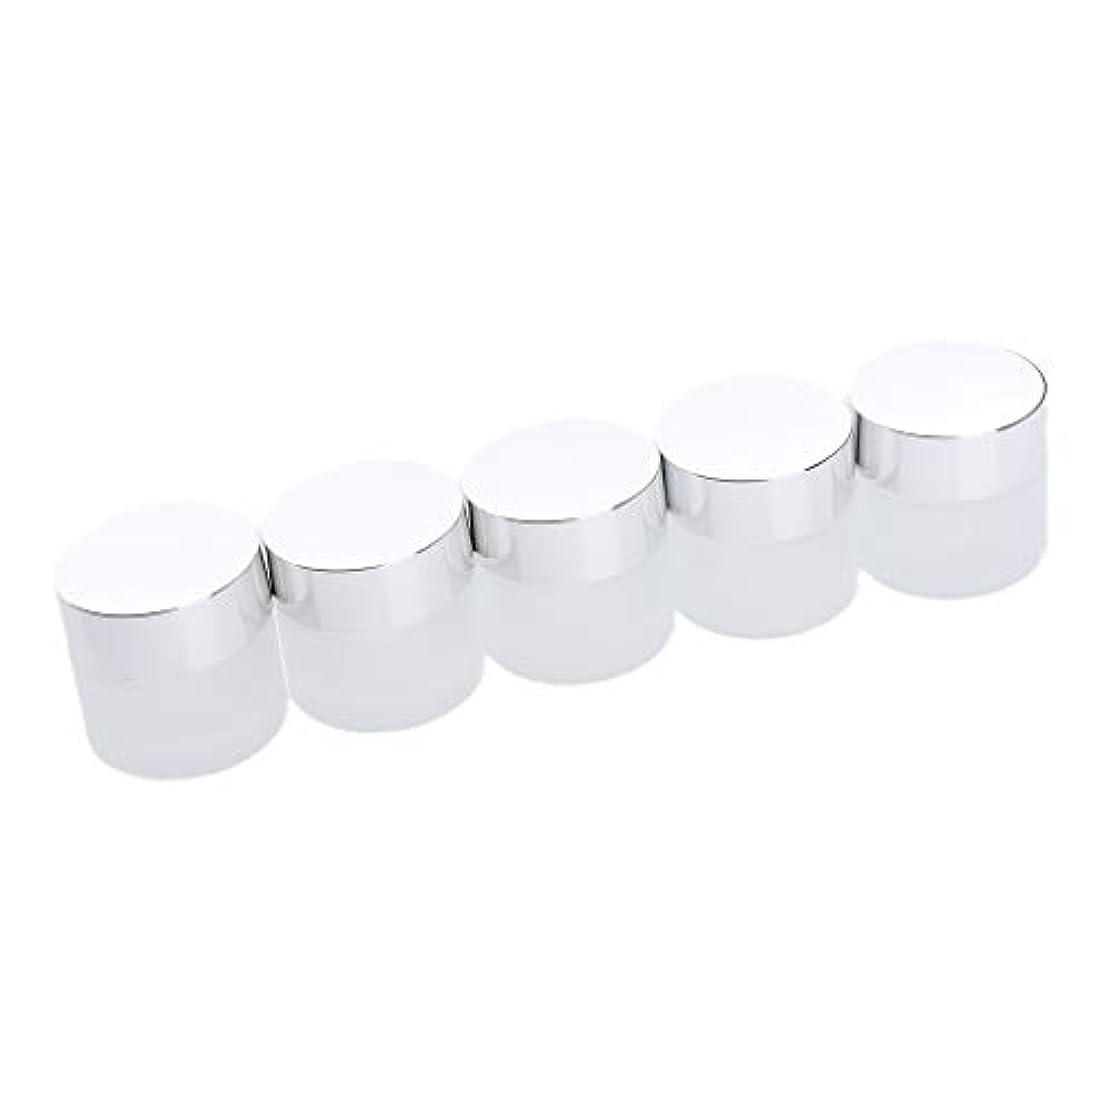 プラカード繁雑伝説メイクアップボトル ガラス瓶 フェイスクリーム 小分け容器 旅行用 5本 2サイズ - 10g